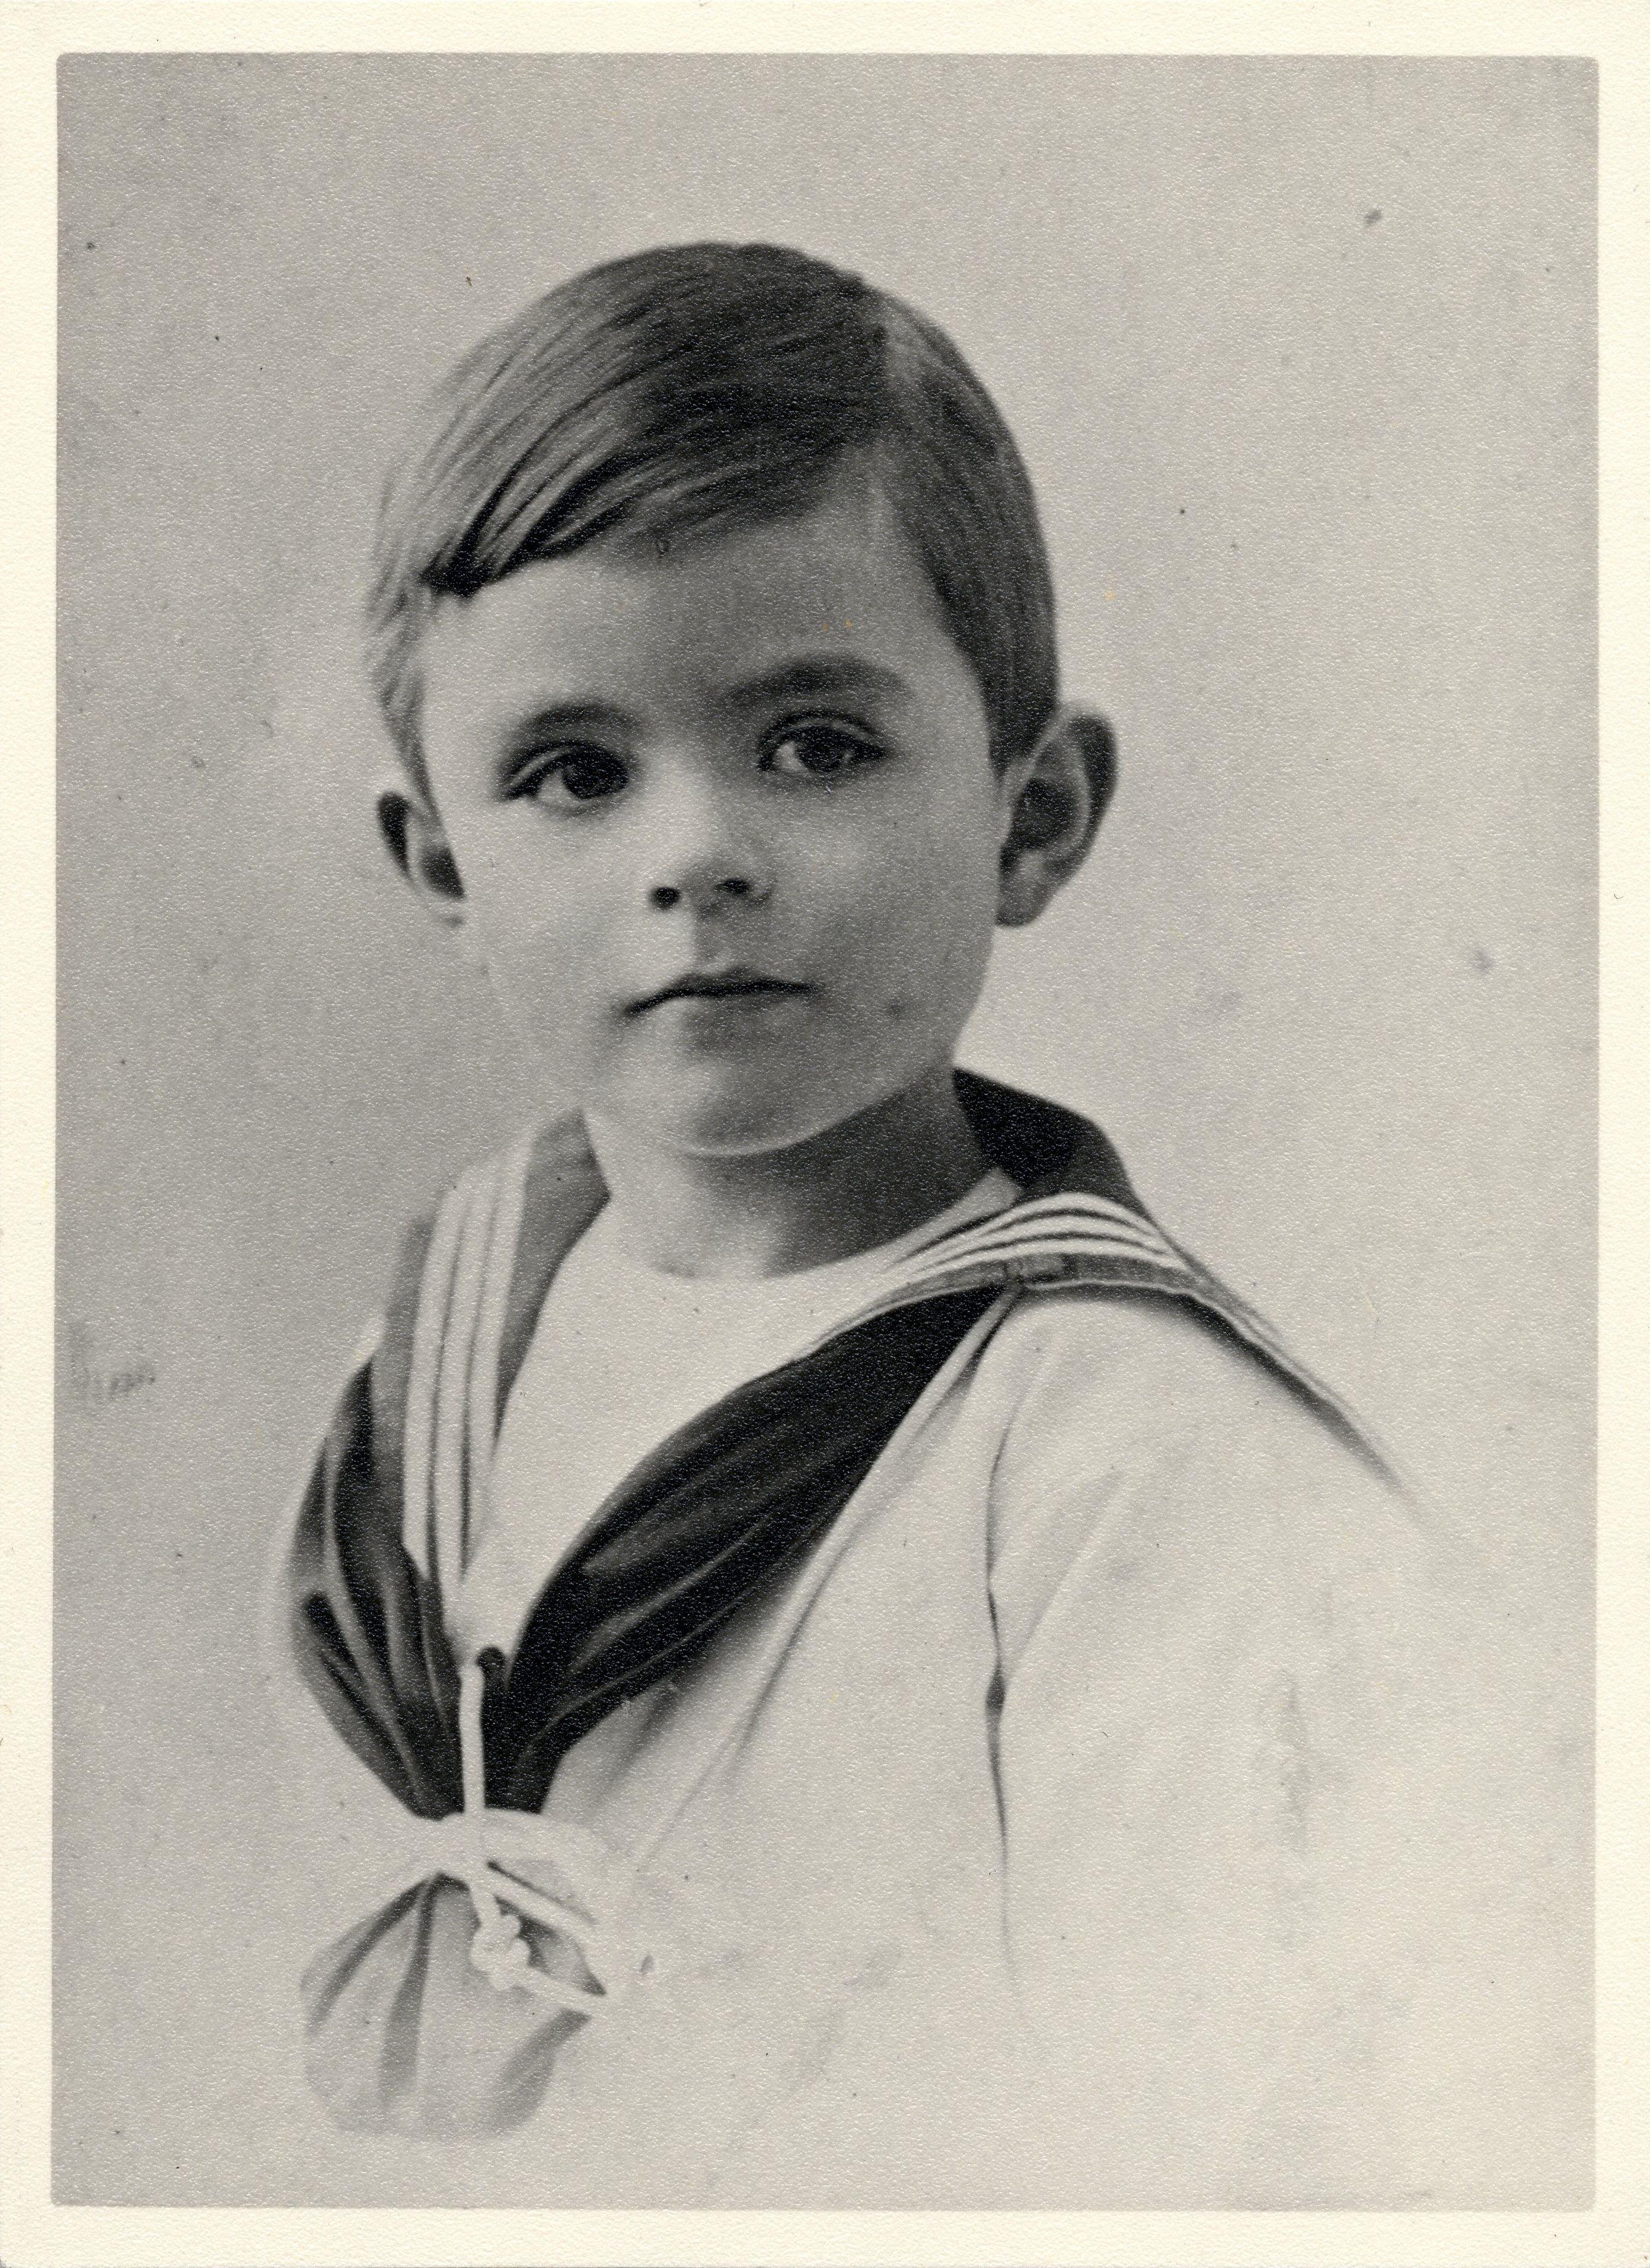 Alan Turing, aged 5. [AMT/K/7/2]